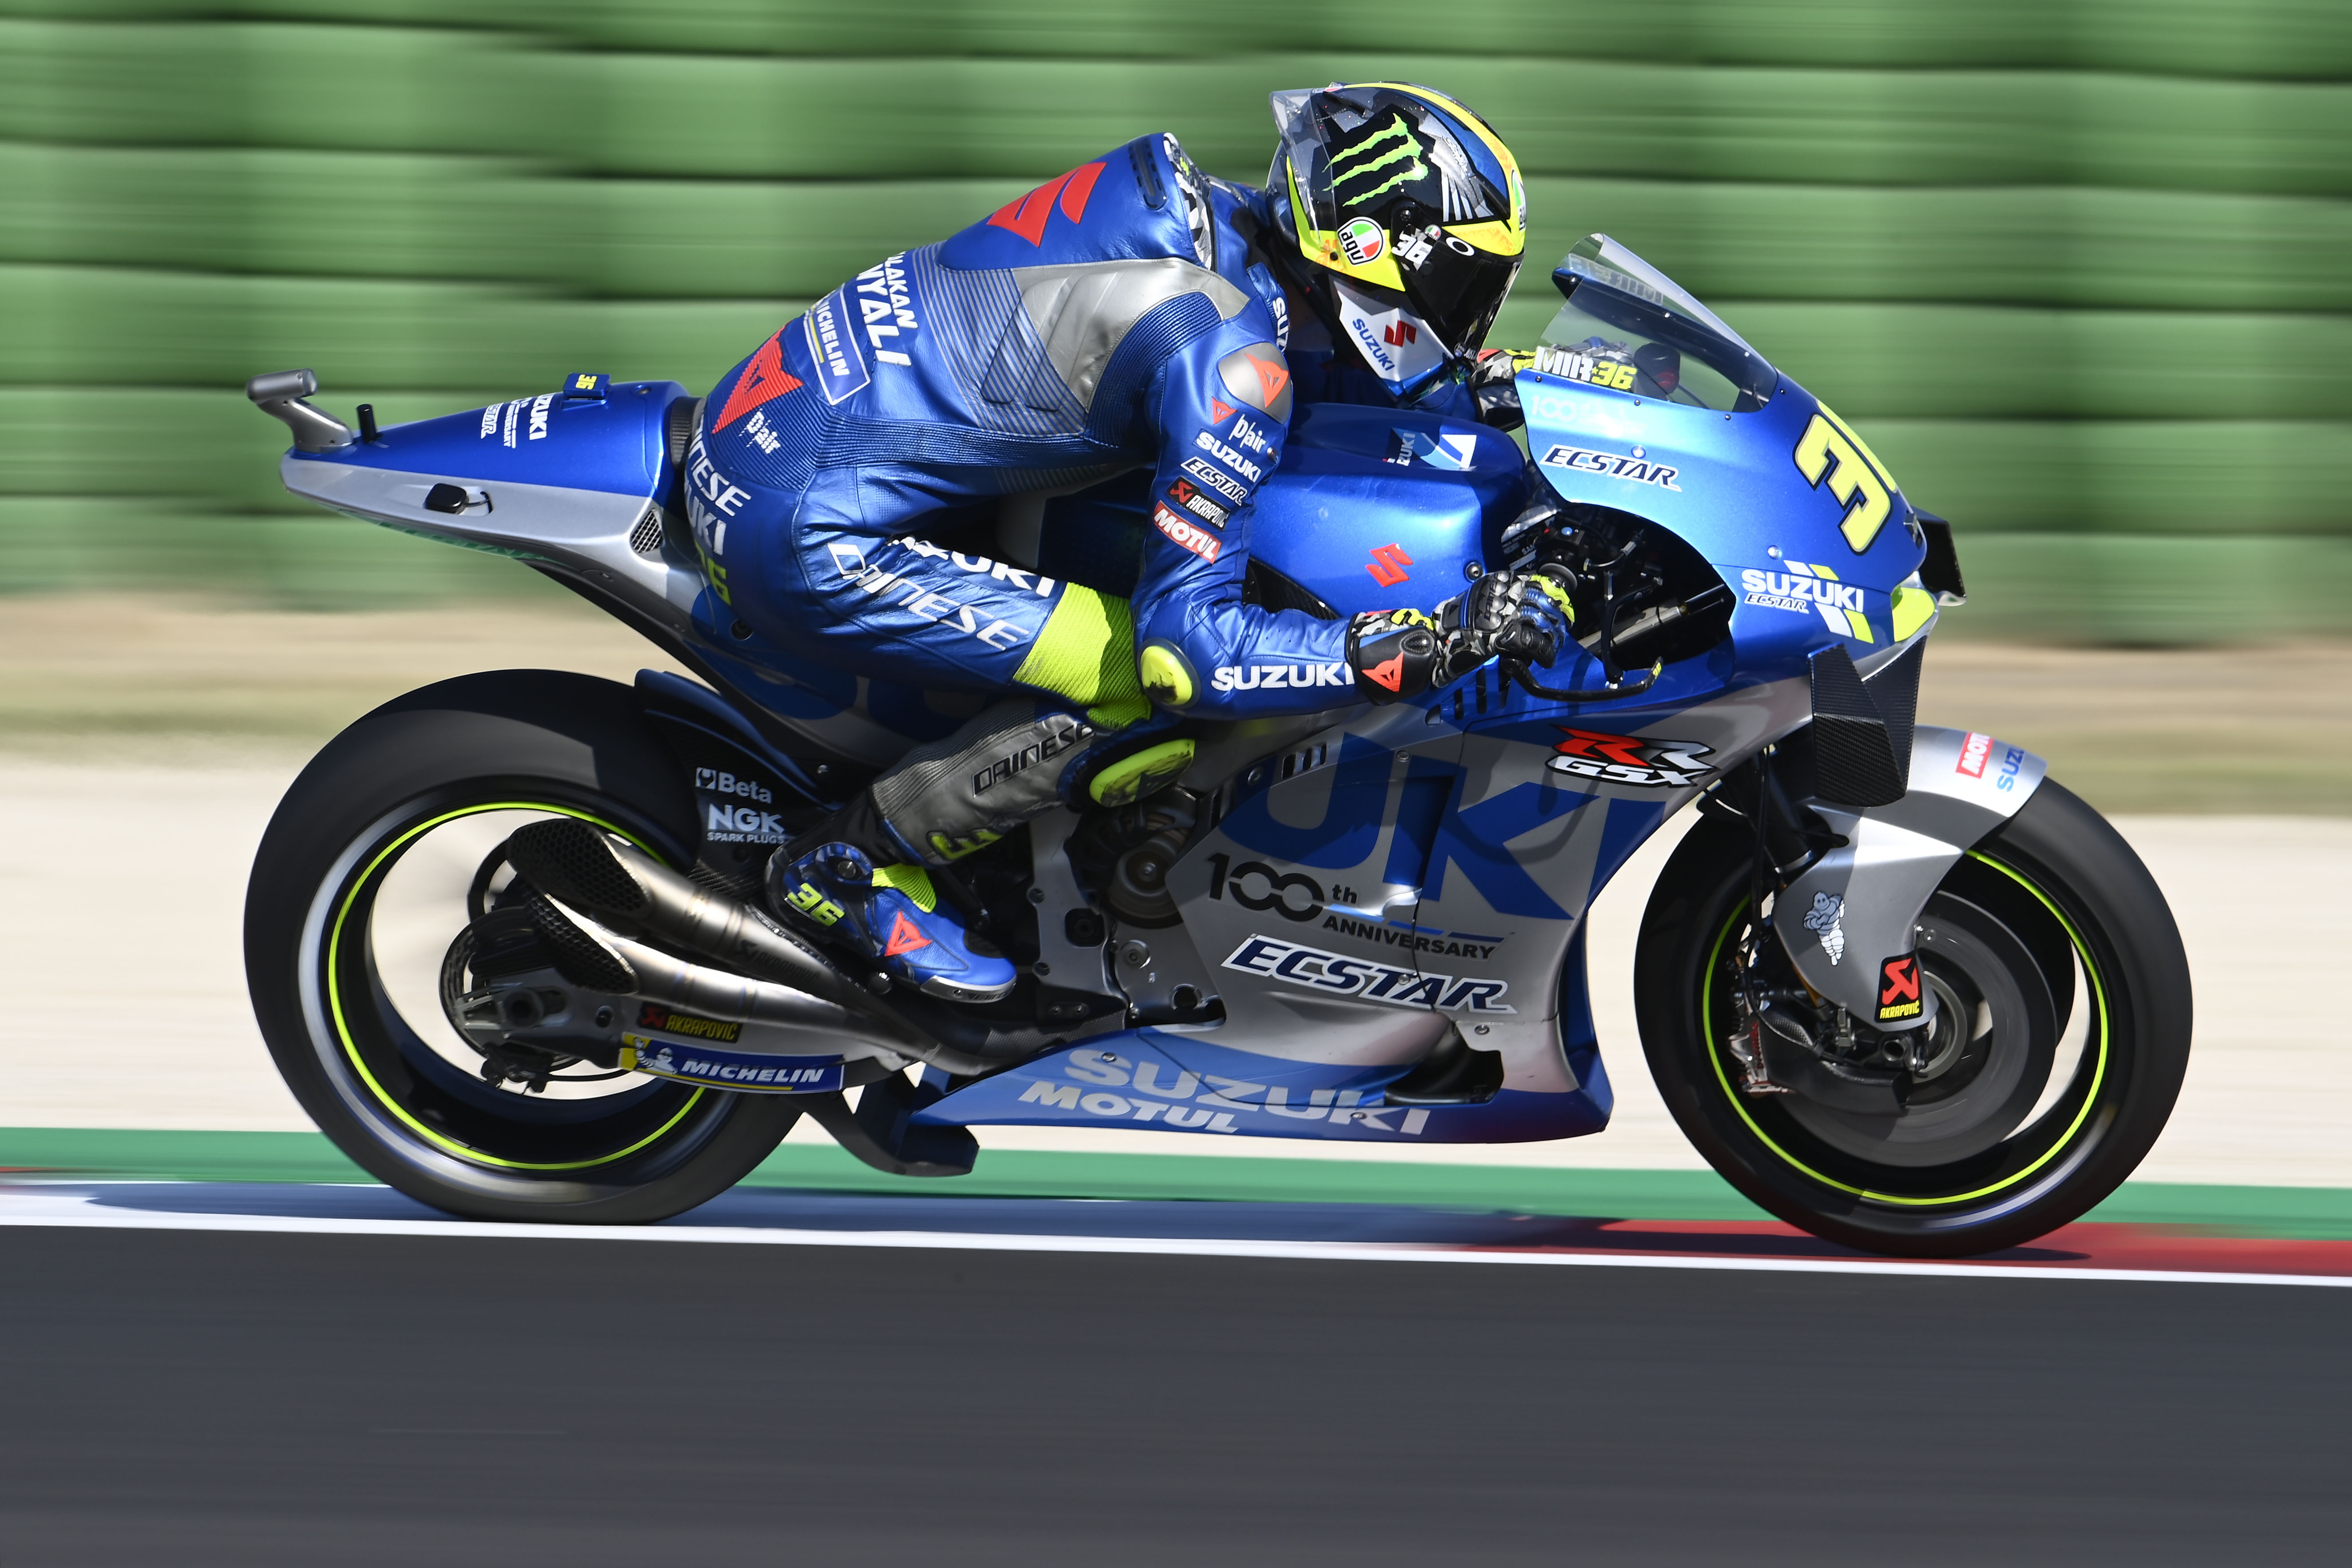 Joan Mir Suzuki Misano MotoGP 2020